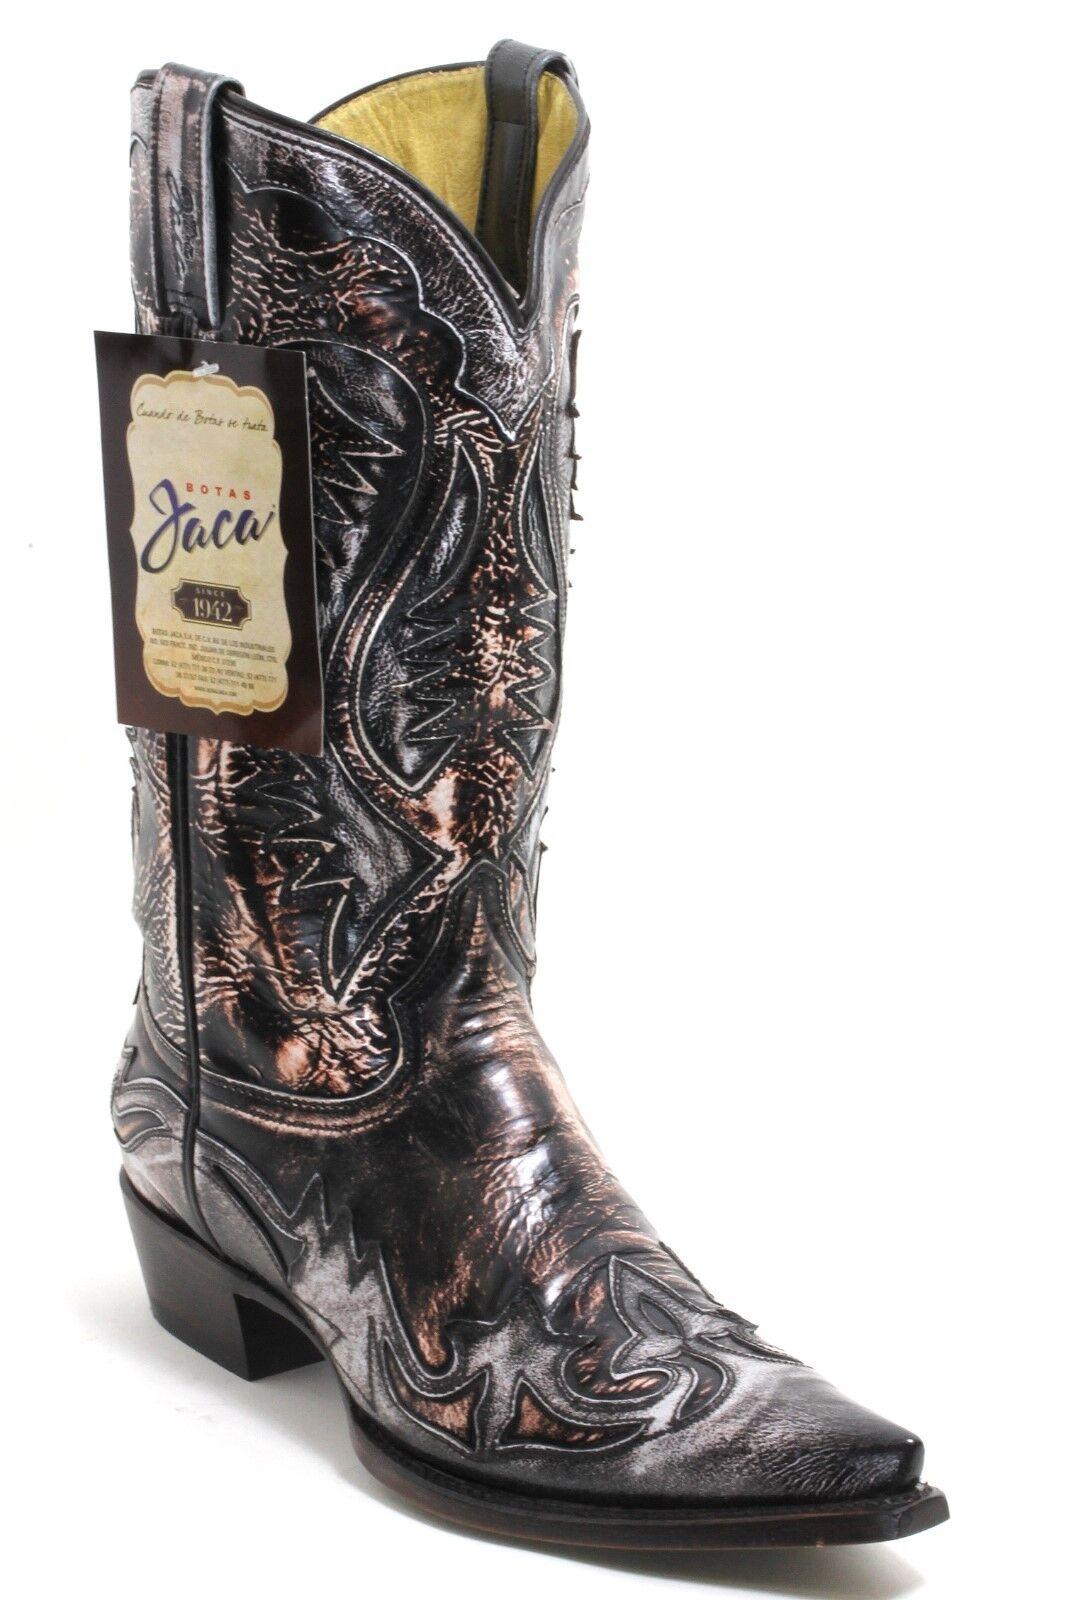 167 botas de vaquero Western botas texas botas solchaga style botas de cuero Jaca 40